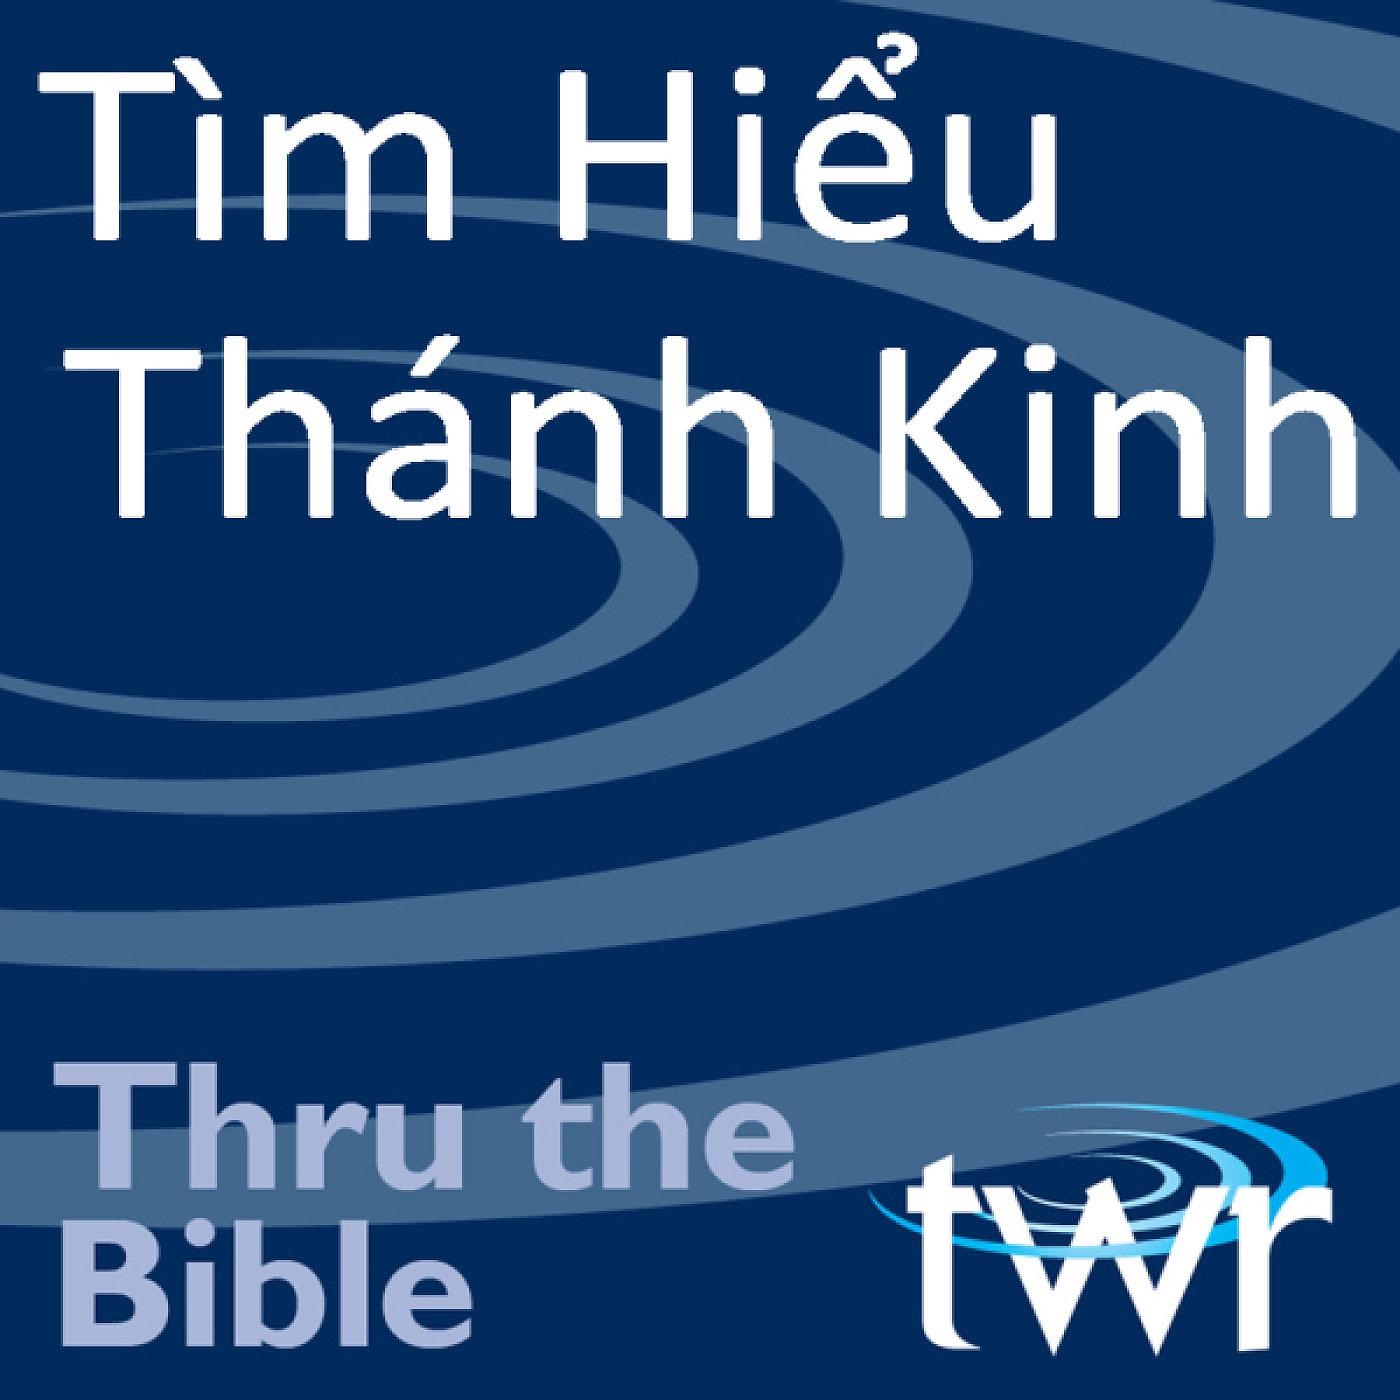 Tìm Hiểu Thánh Kinh @ ttb.twr.org/vietnamese